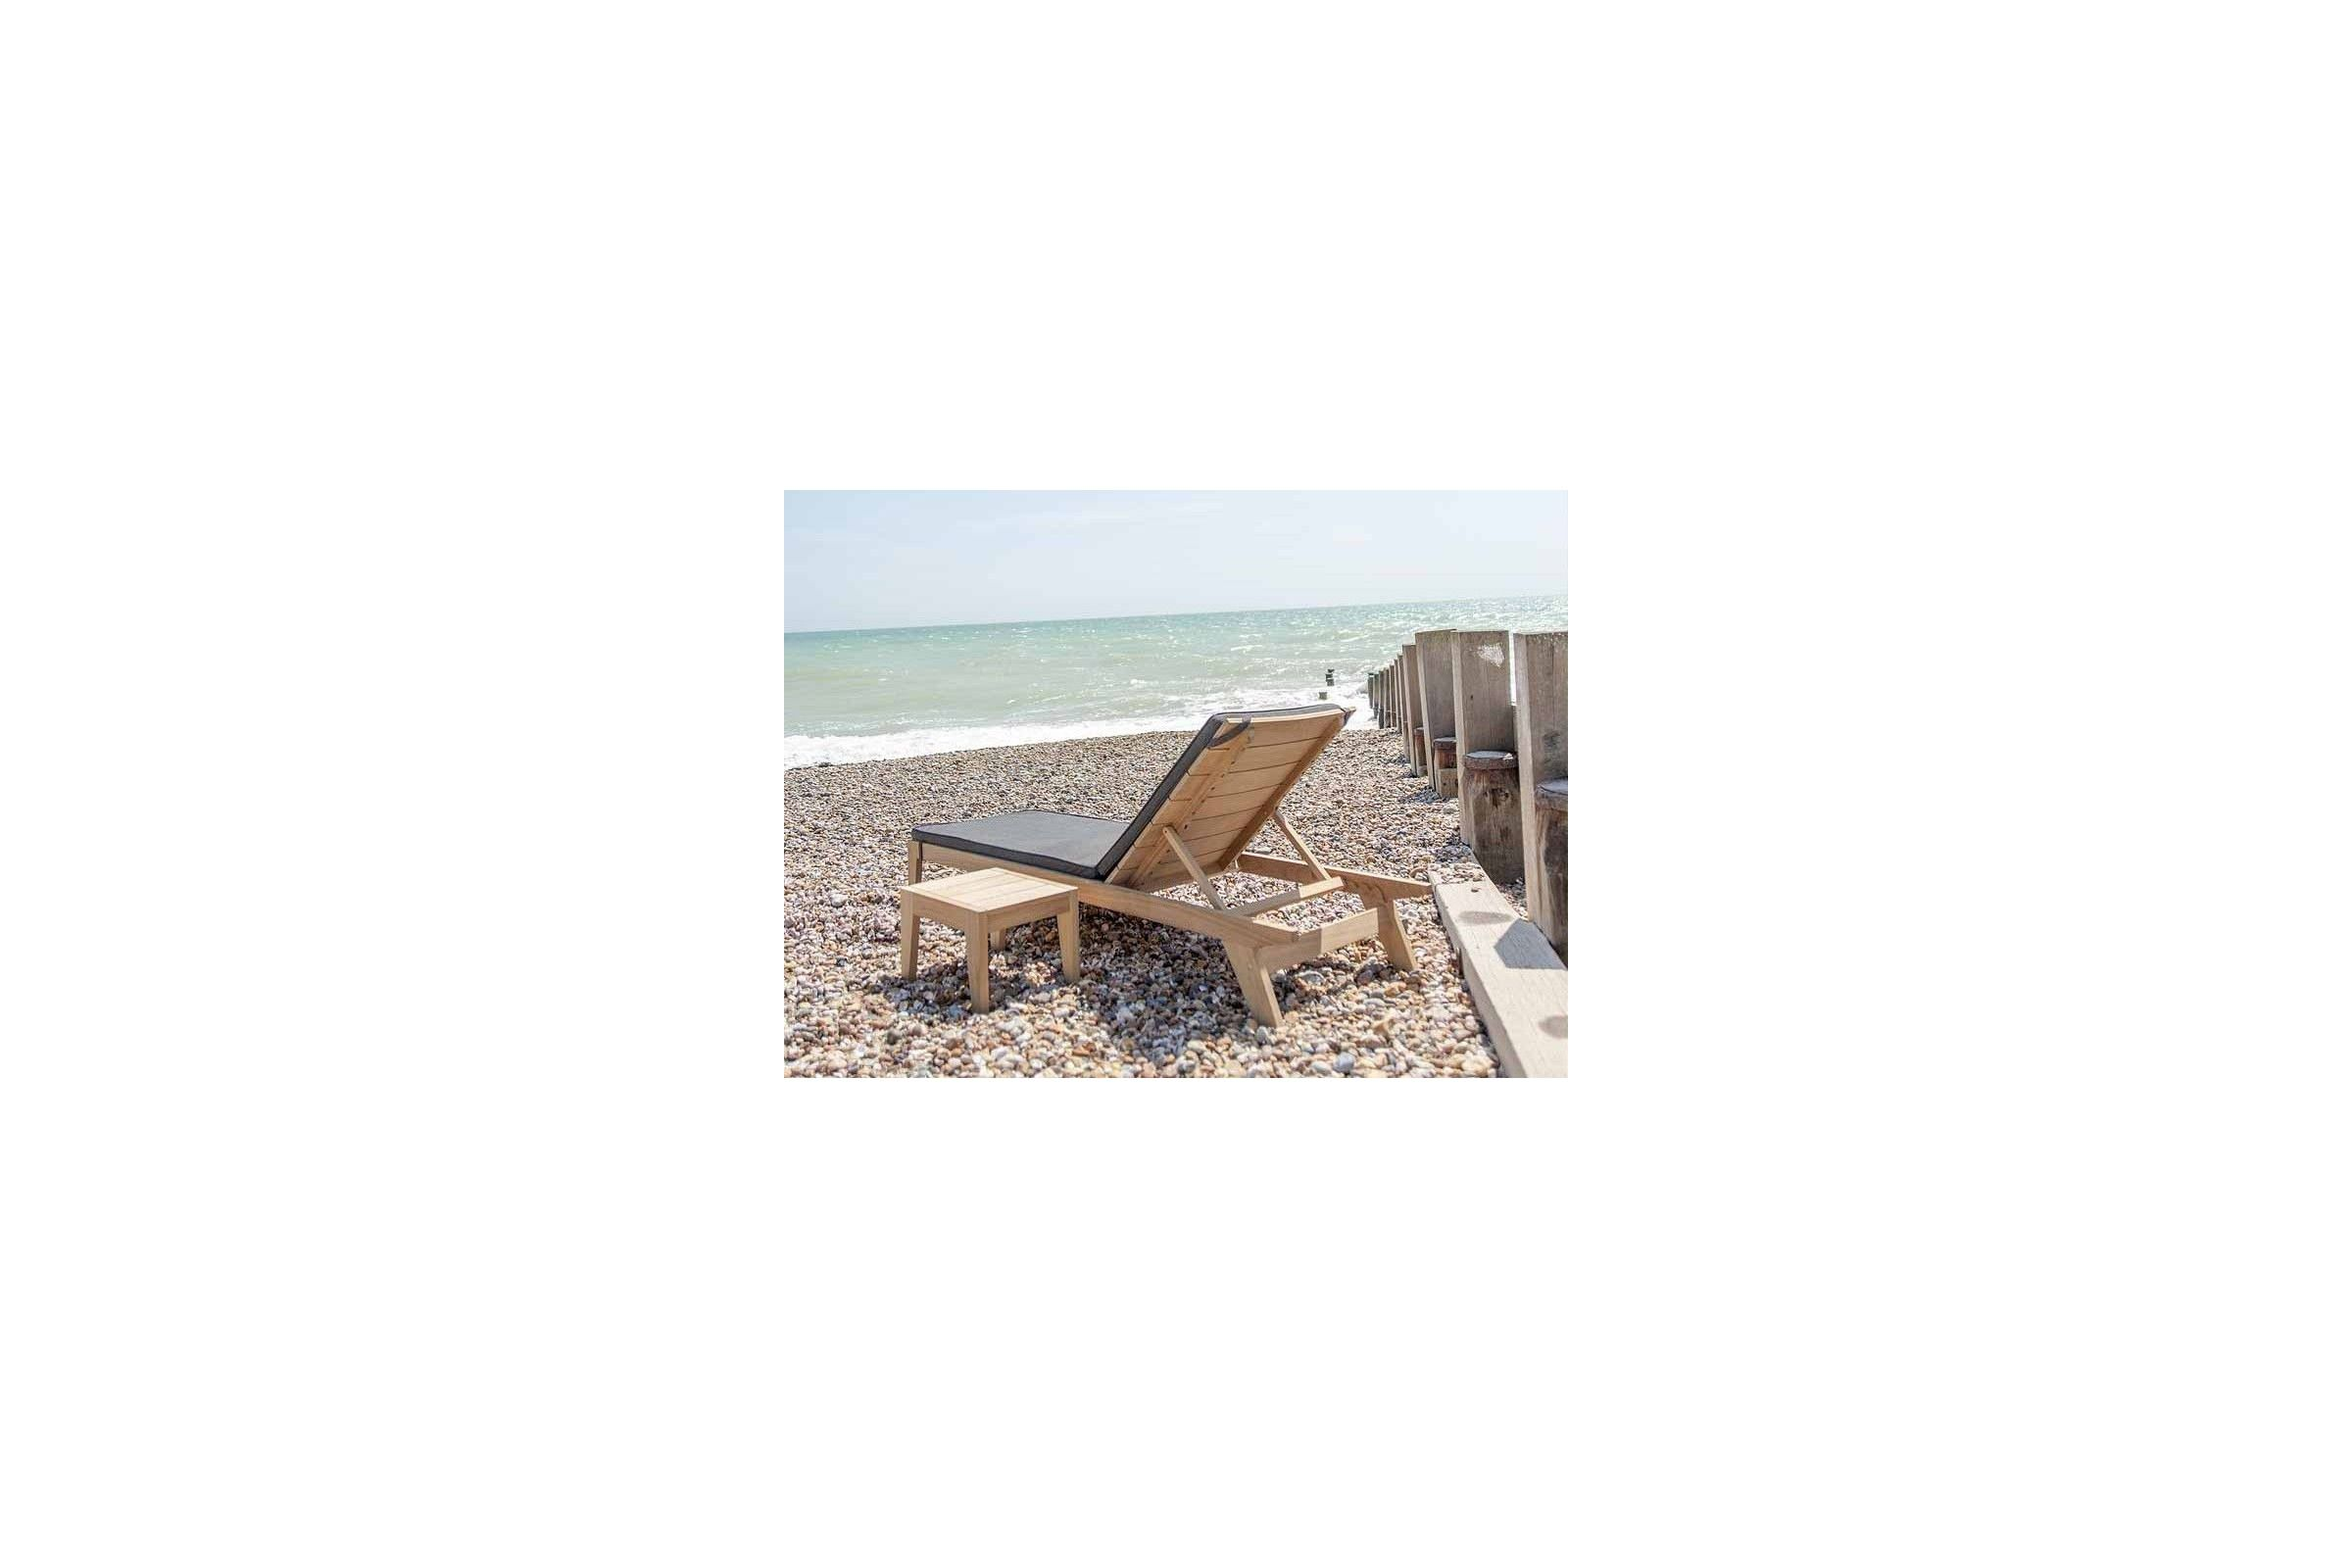 Petite table basse en bois pour bain de soleil, haut de gamme  La Galerie du